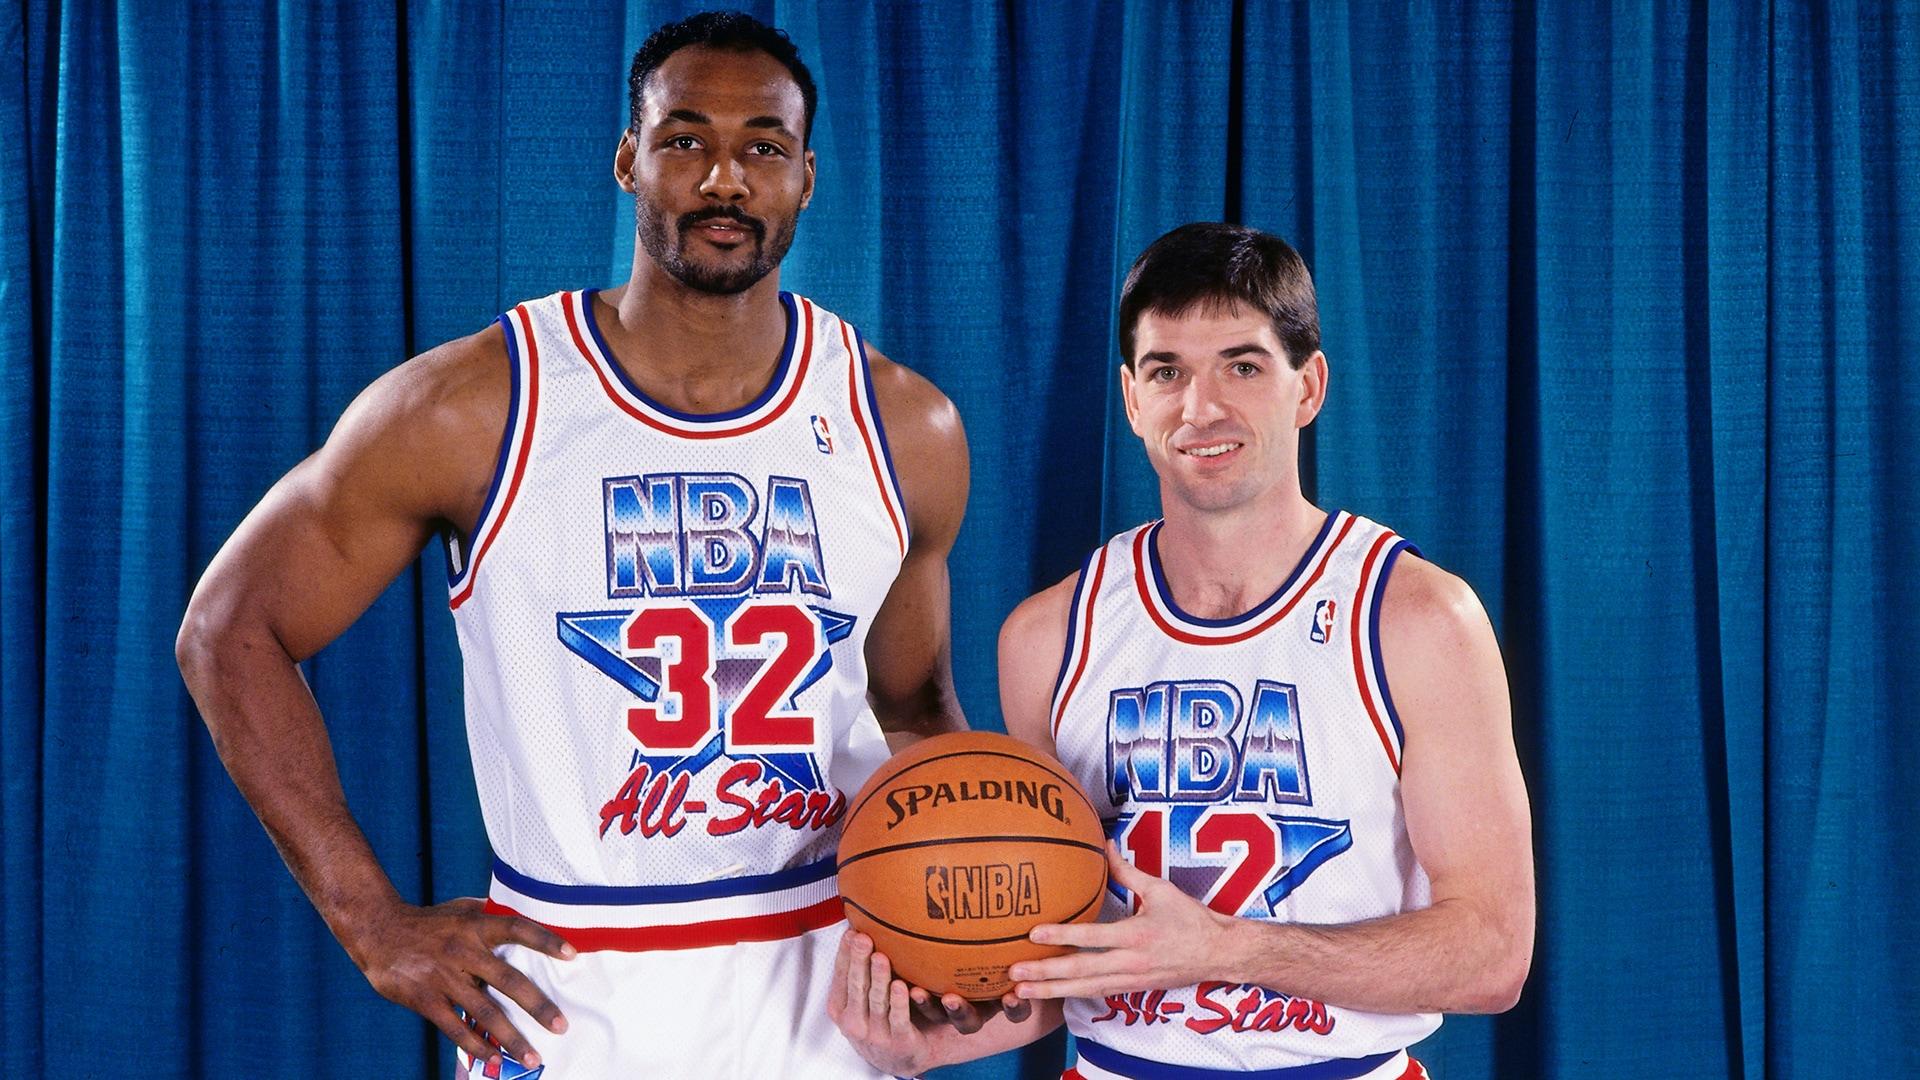 1993 NBA All-Star recap